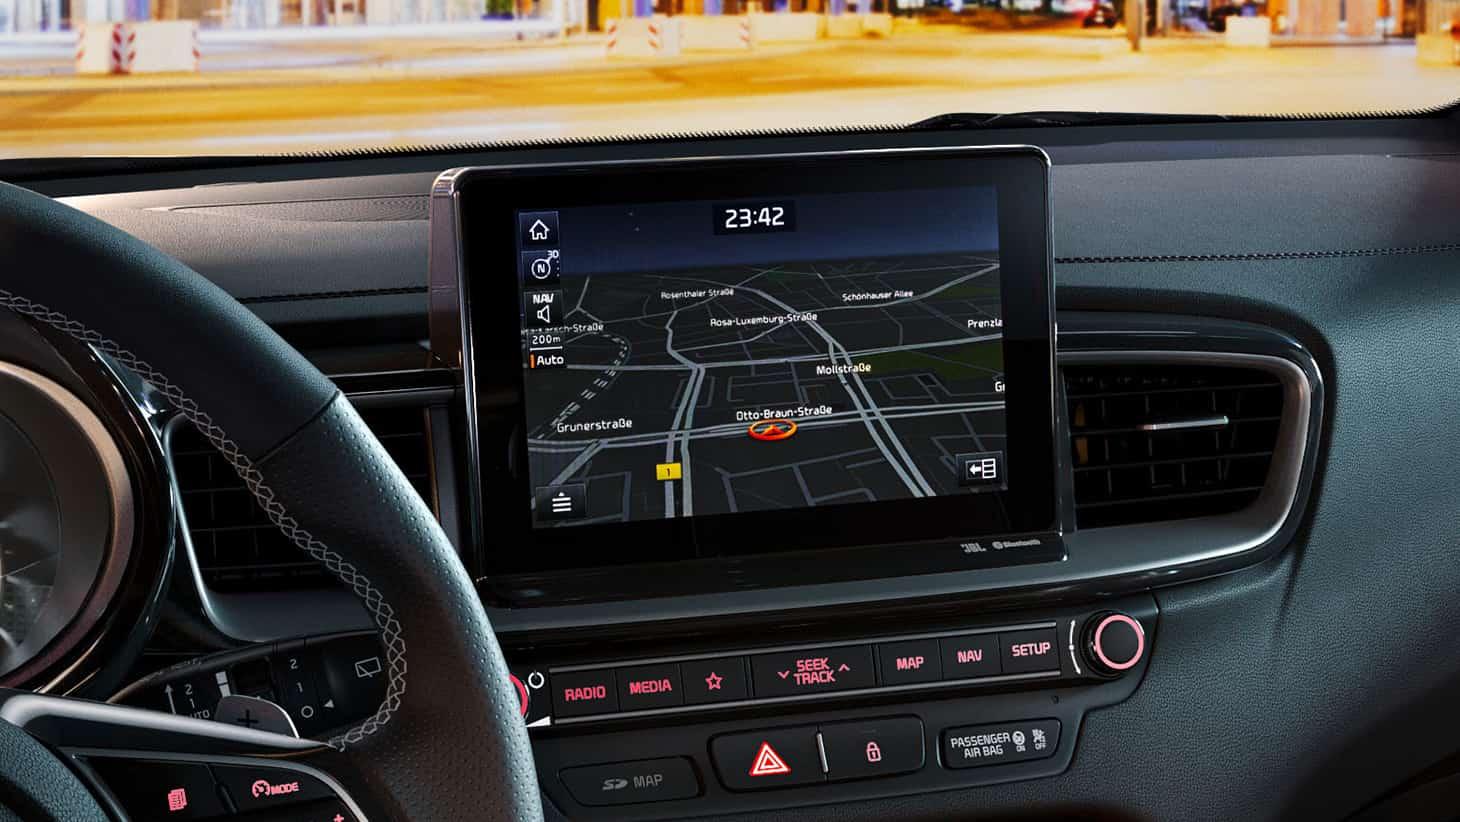 Keret nélküli, 8''-os érintőképernyő, TomTom navigációval.